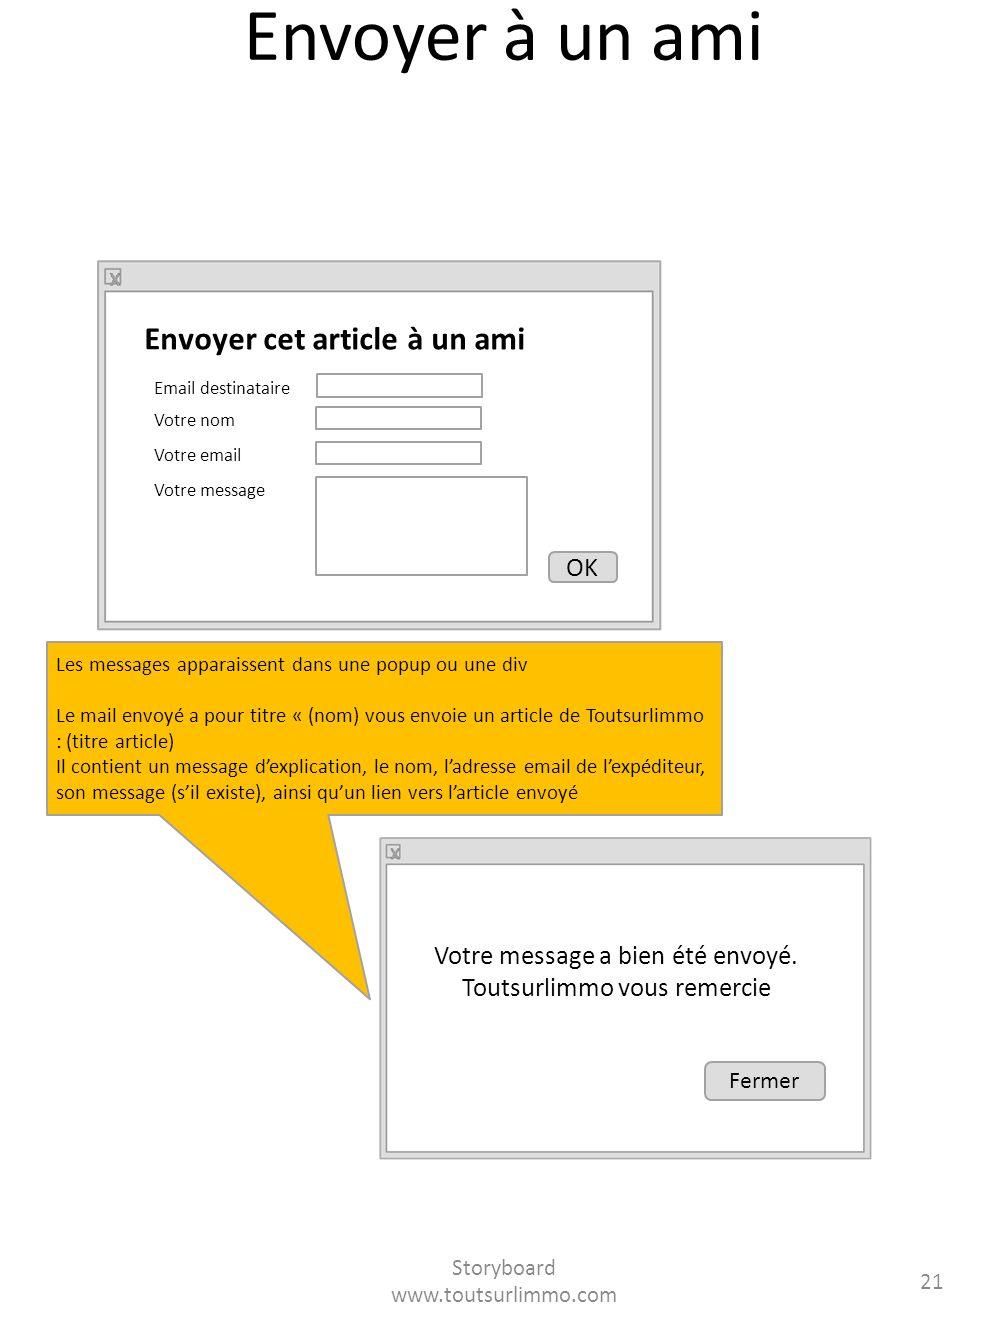 Storyboard www.toutsurlimmo.com 21 Envoyer à un ami Envoyer cet article à un ami Email destinataire Votre nom Votre email Votre message OK Votre messa